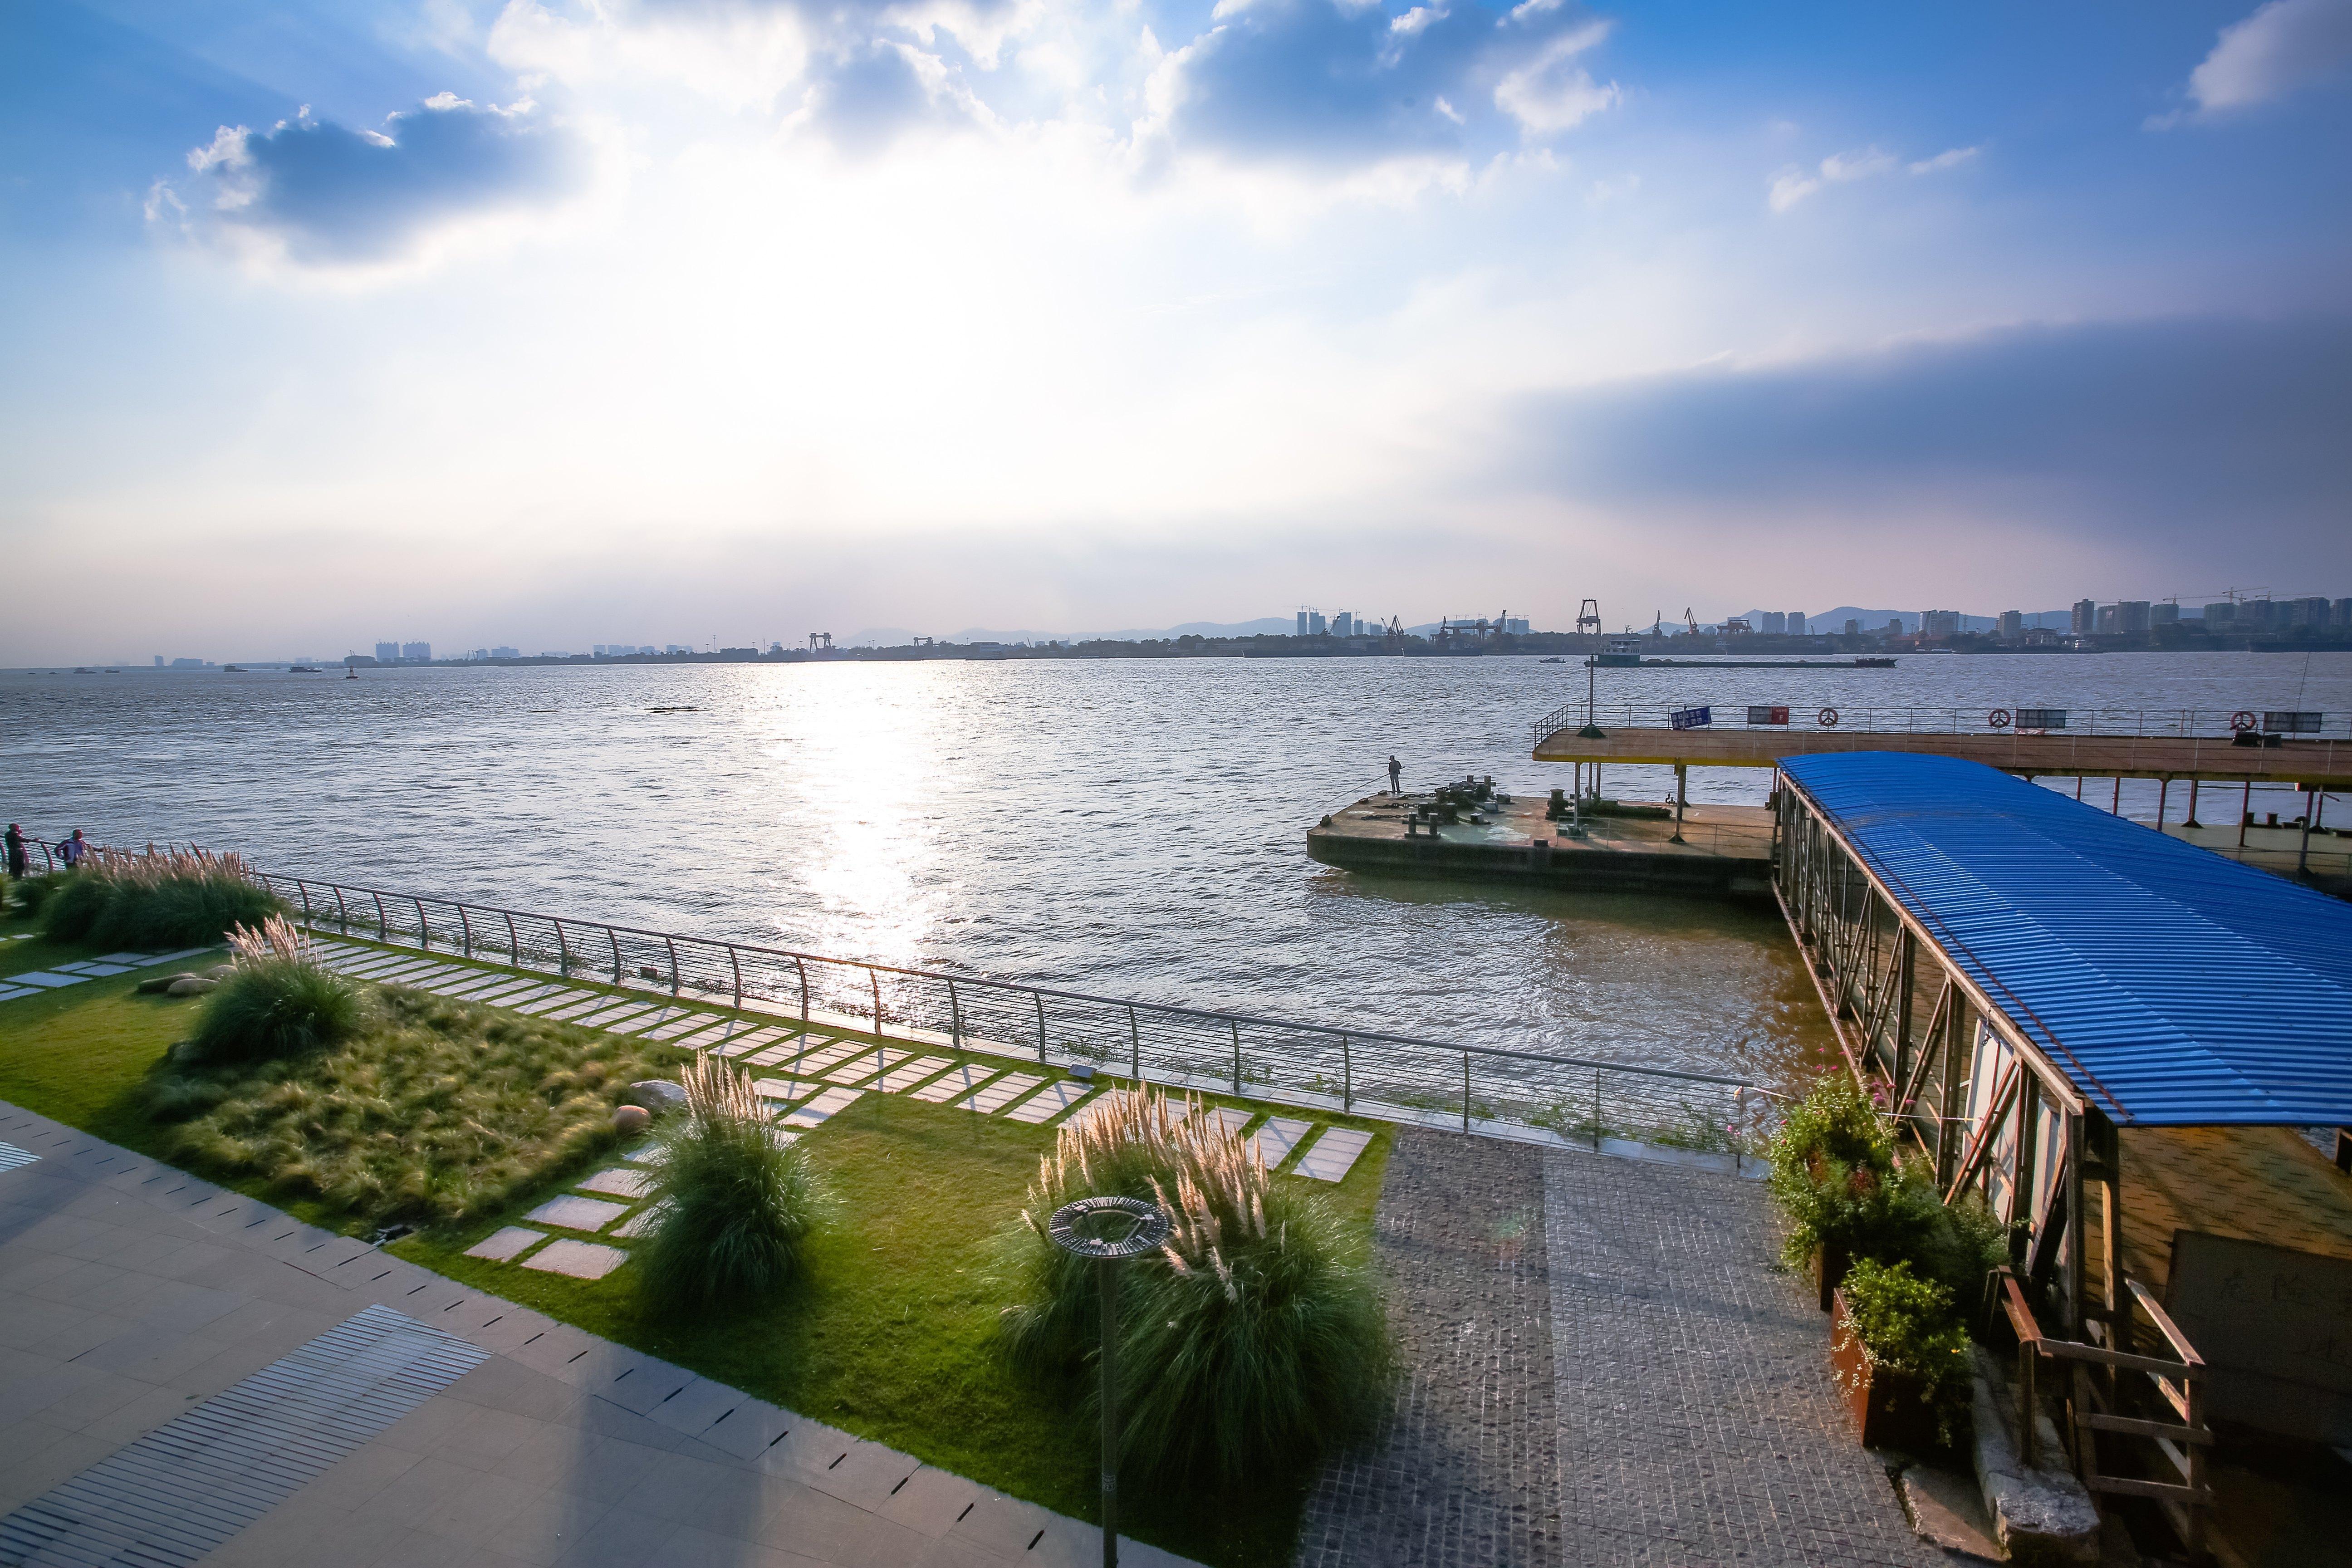 南京景点景区图片-南京风景名胜图片-南京旅游照片